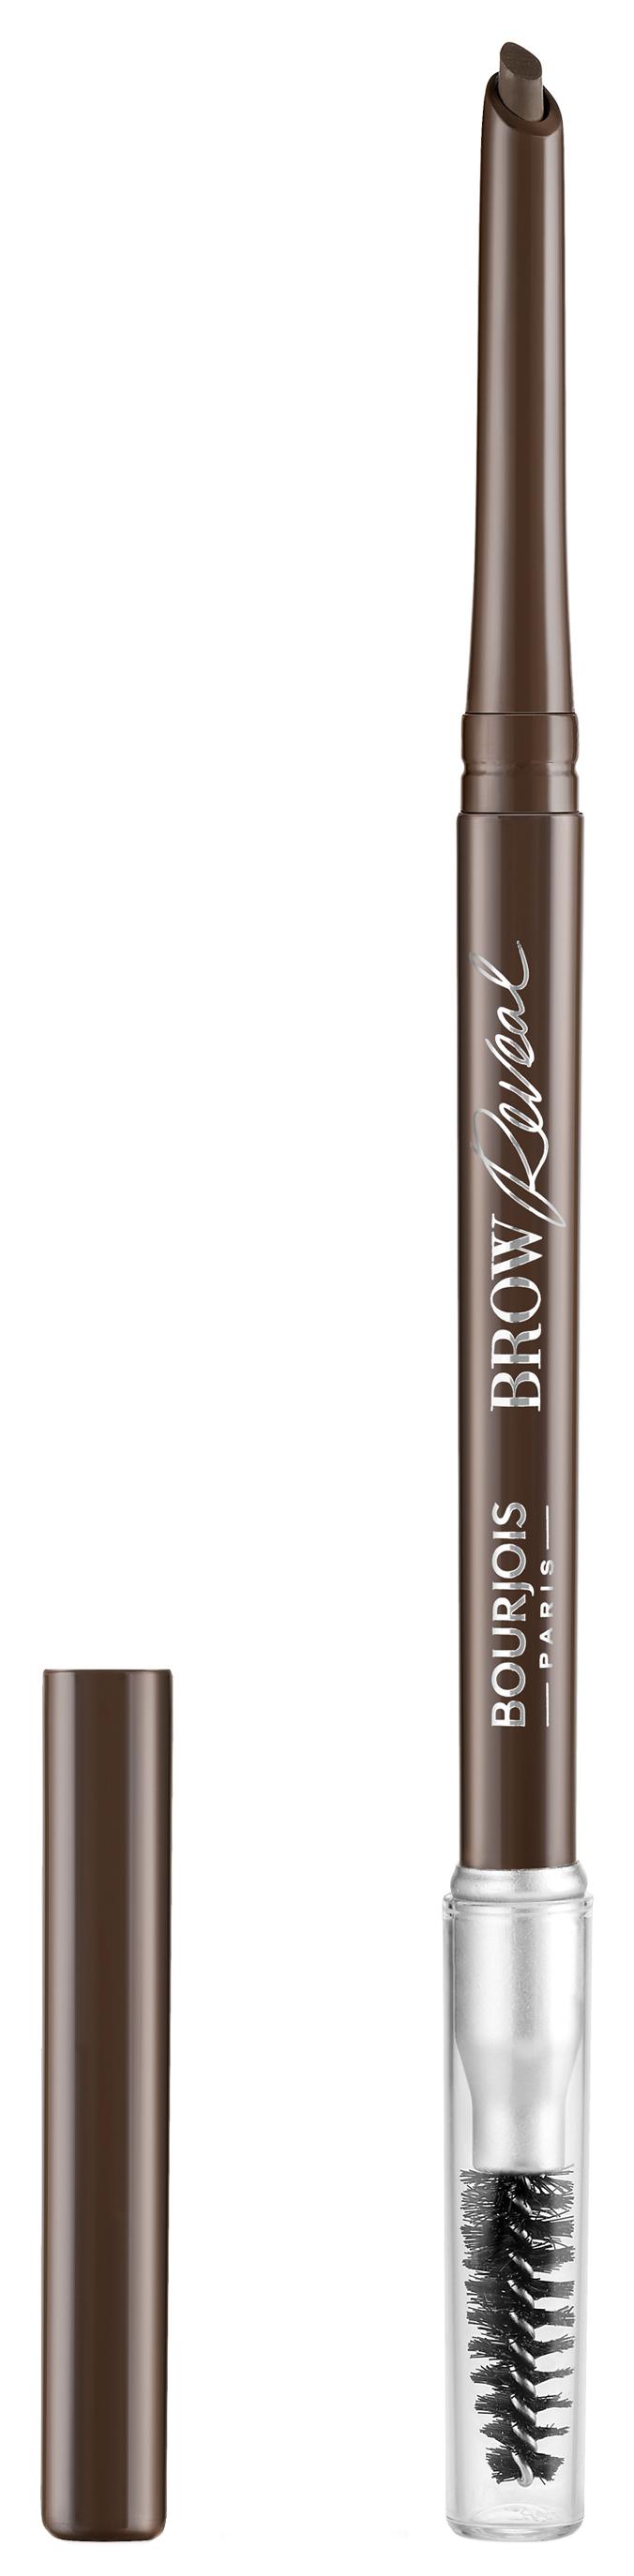 Купить Карандаш для бровей Bourjois Brow Reveal 03 Brown 0, 35 г